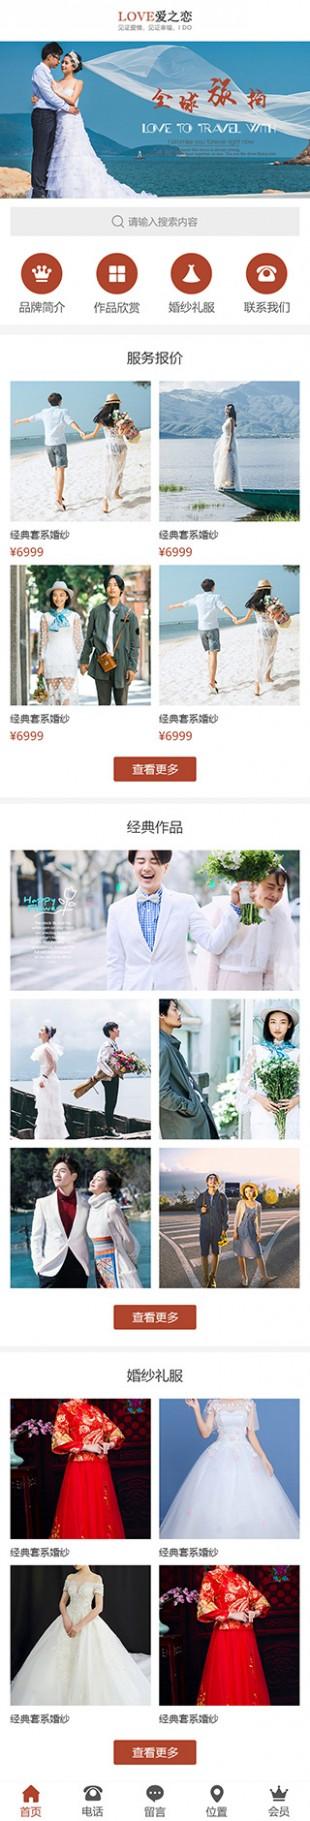 婚纱摄影网站建设模板手机图片